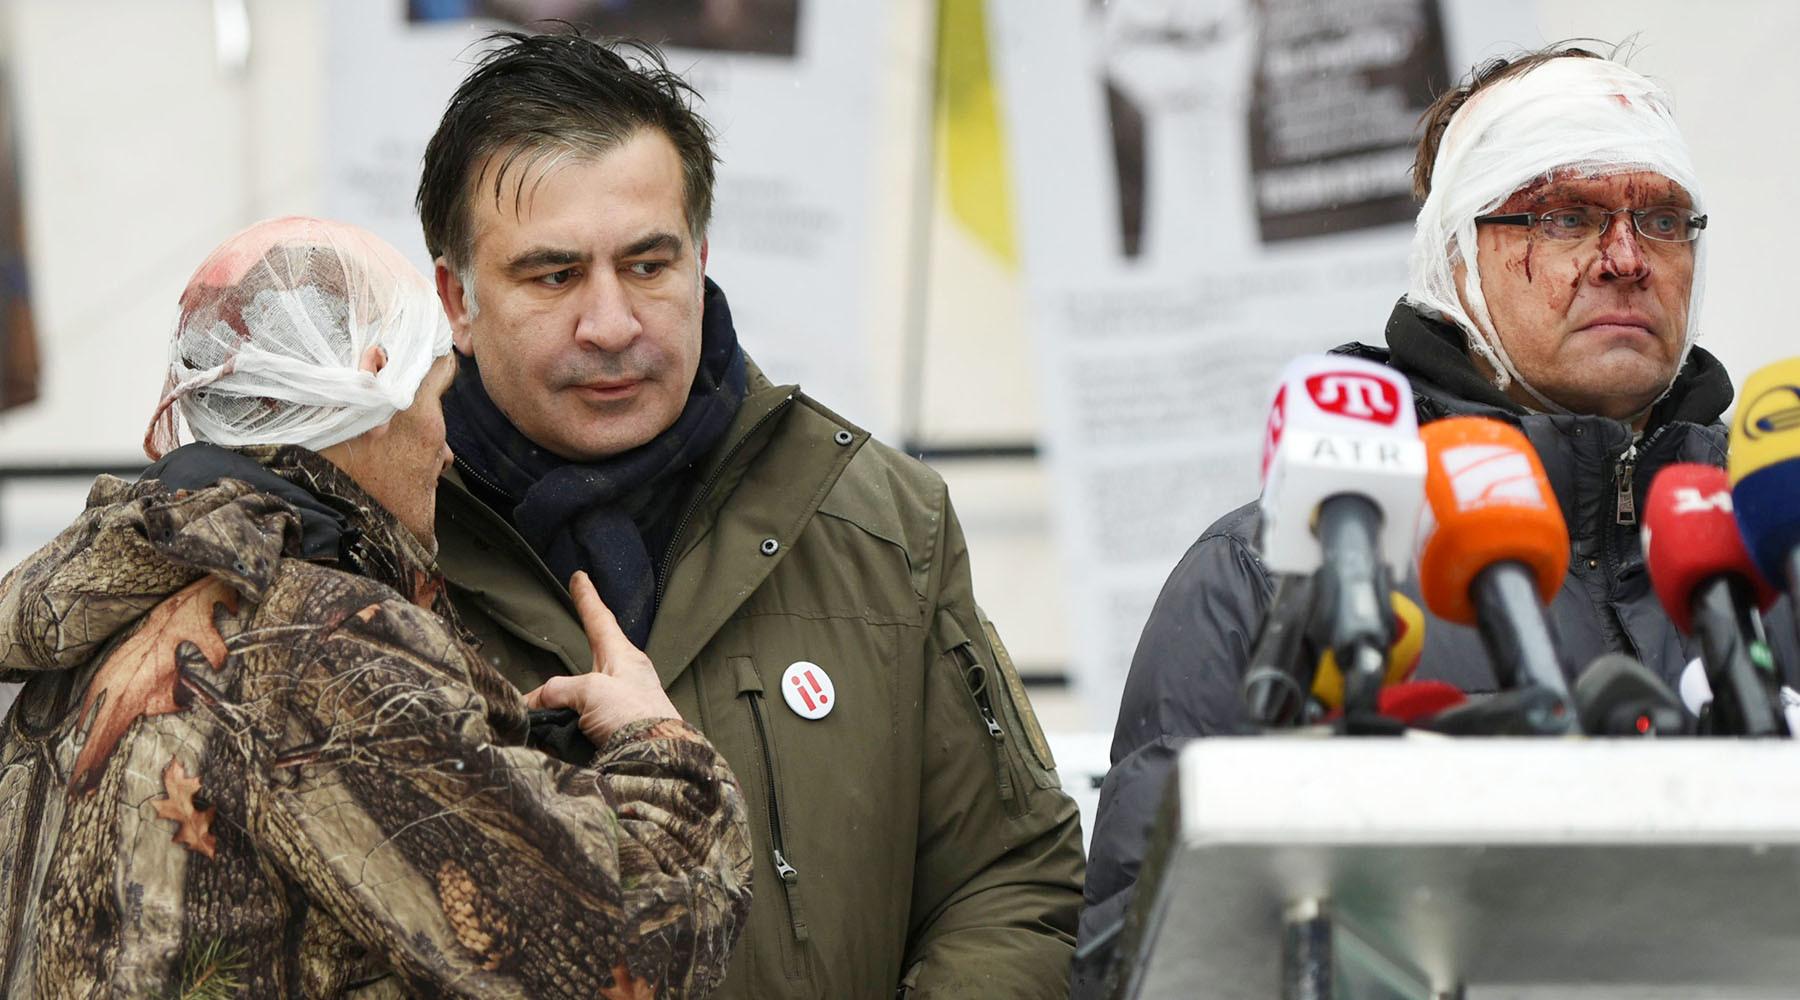 Саакашвили обратился к Порошенко после нападения силовиков на лагерь у Рады